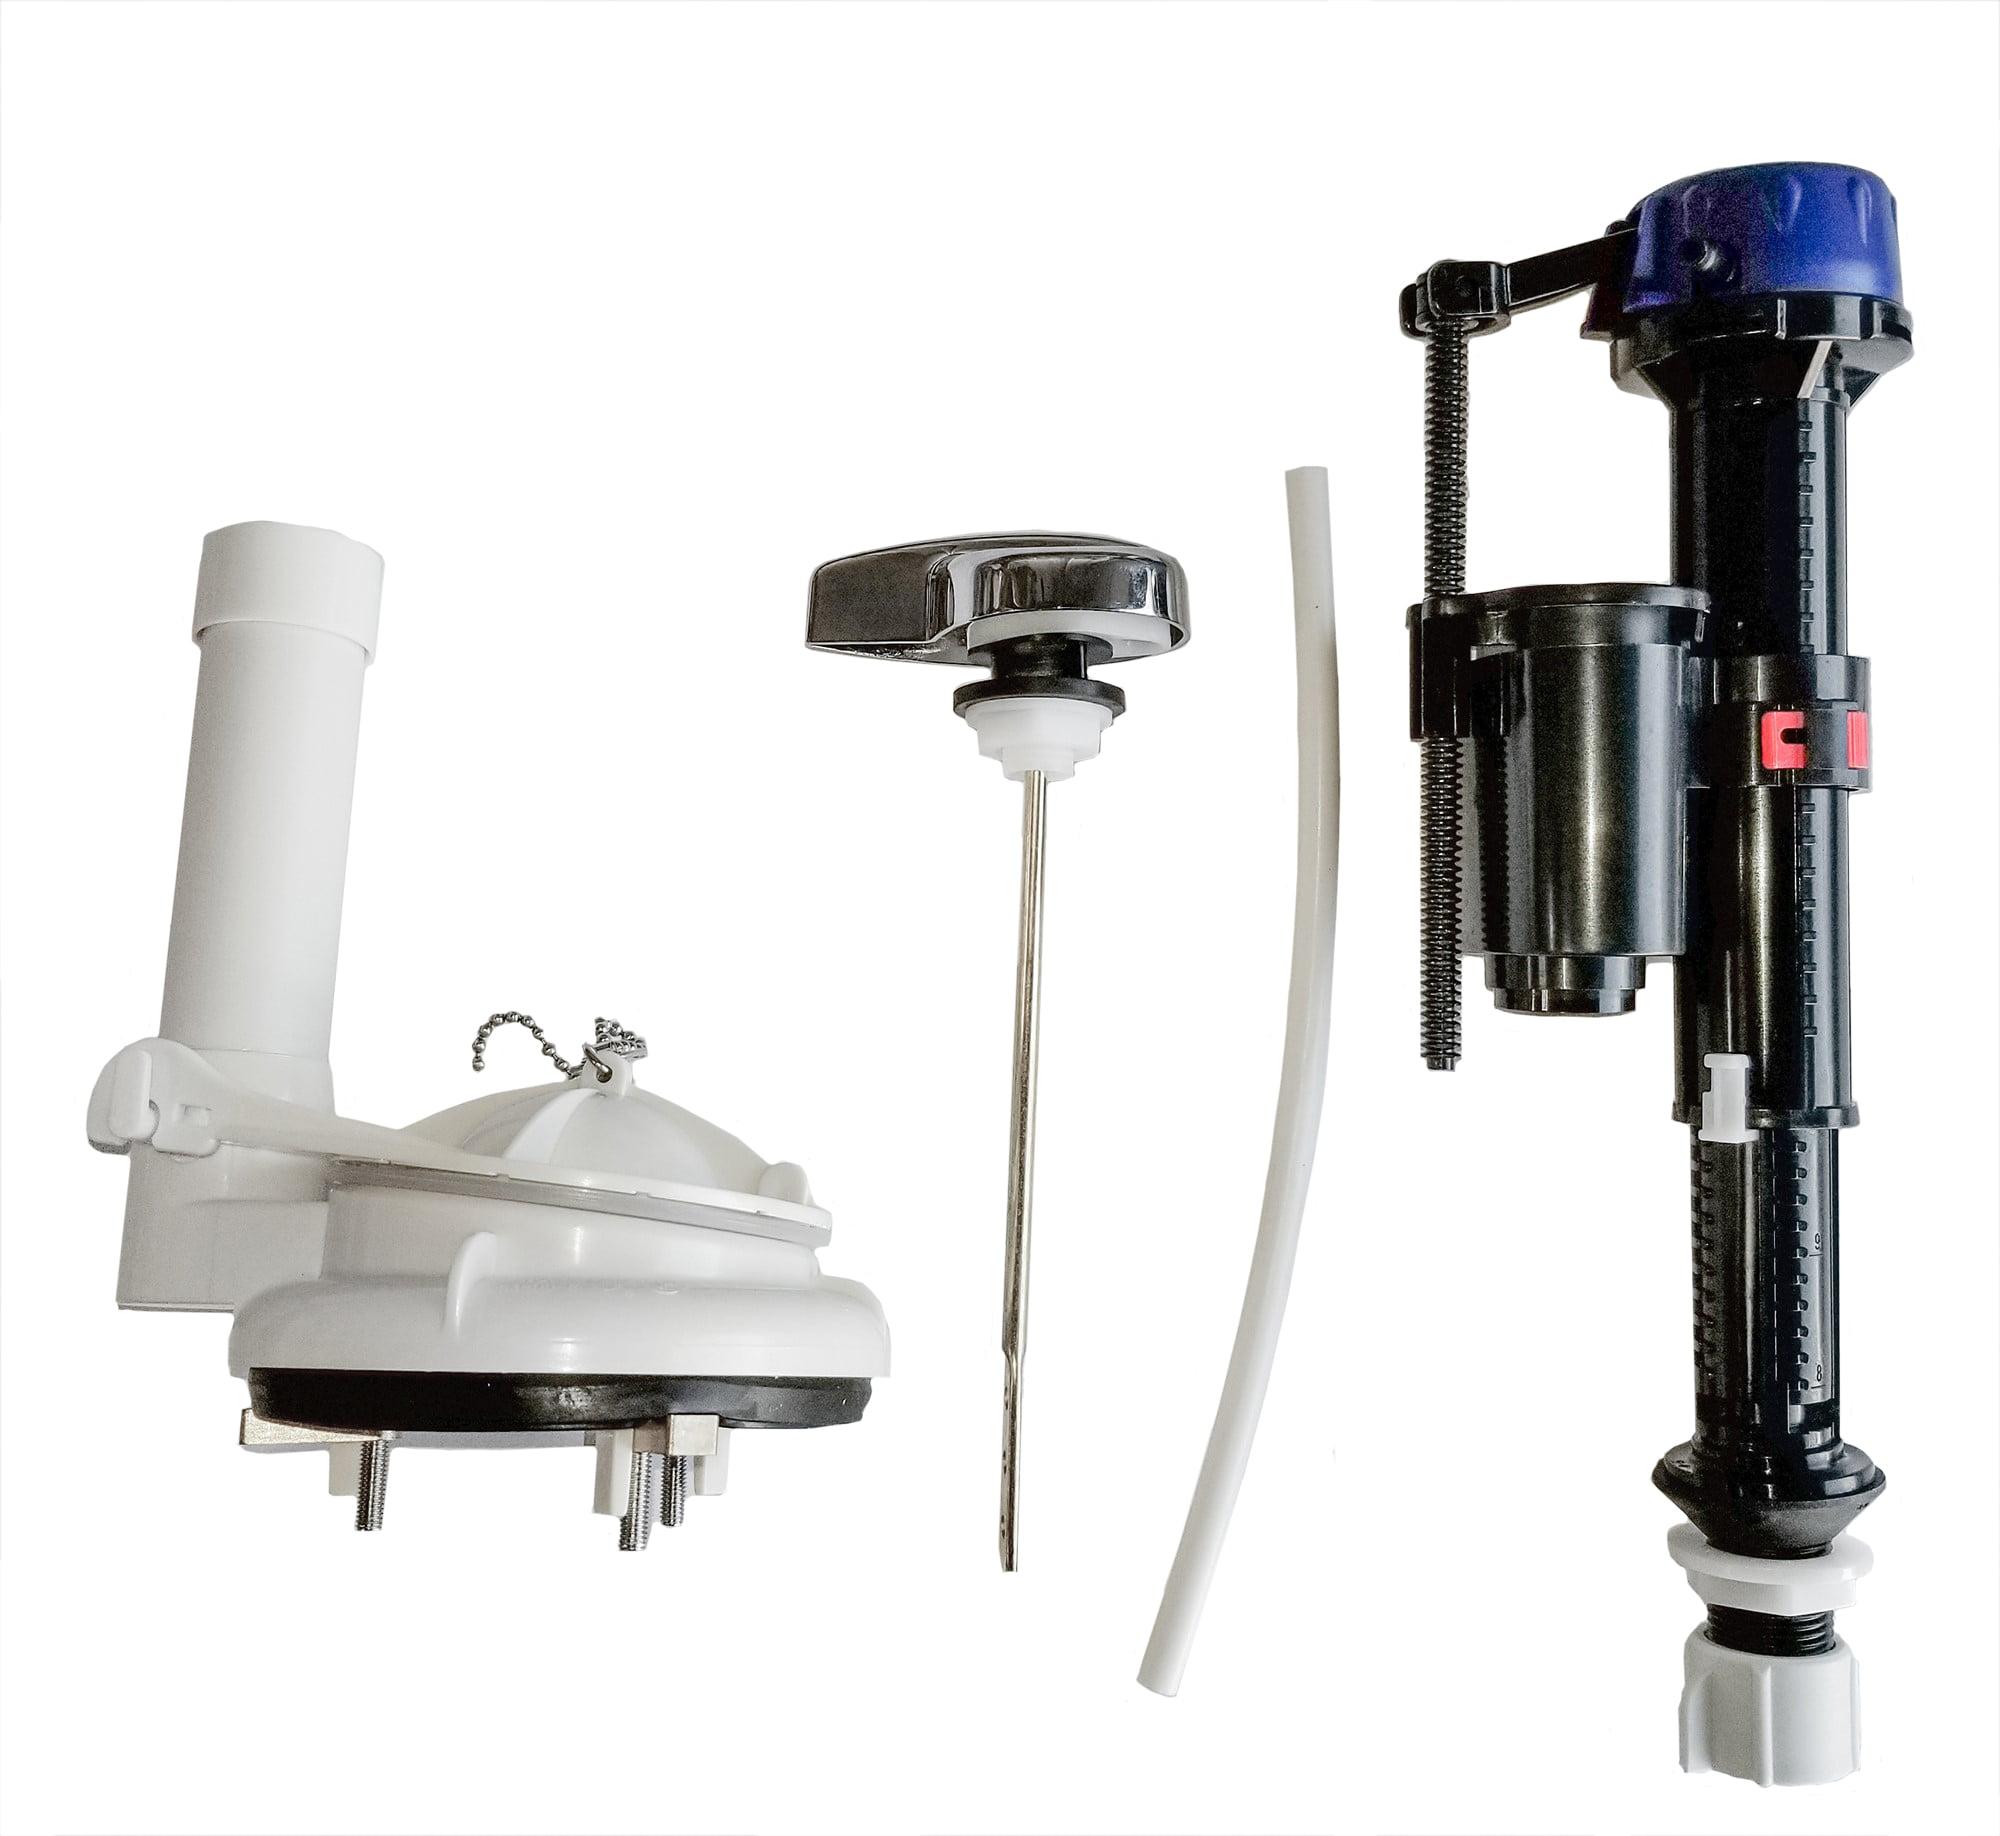 EAGO R-133FLUSH Replacement Toilet Flushing Mechanism for TB133